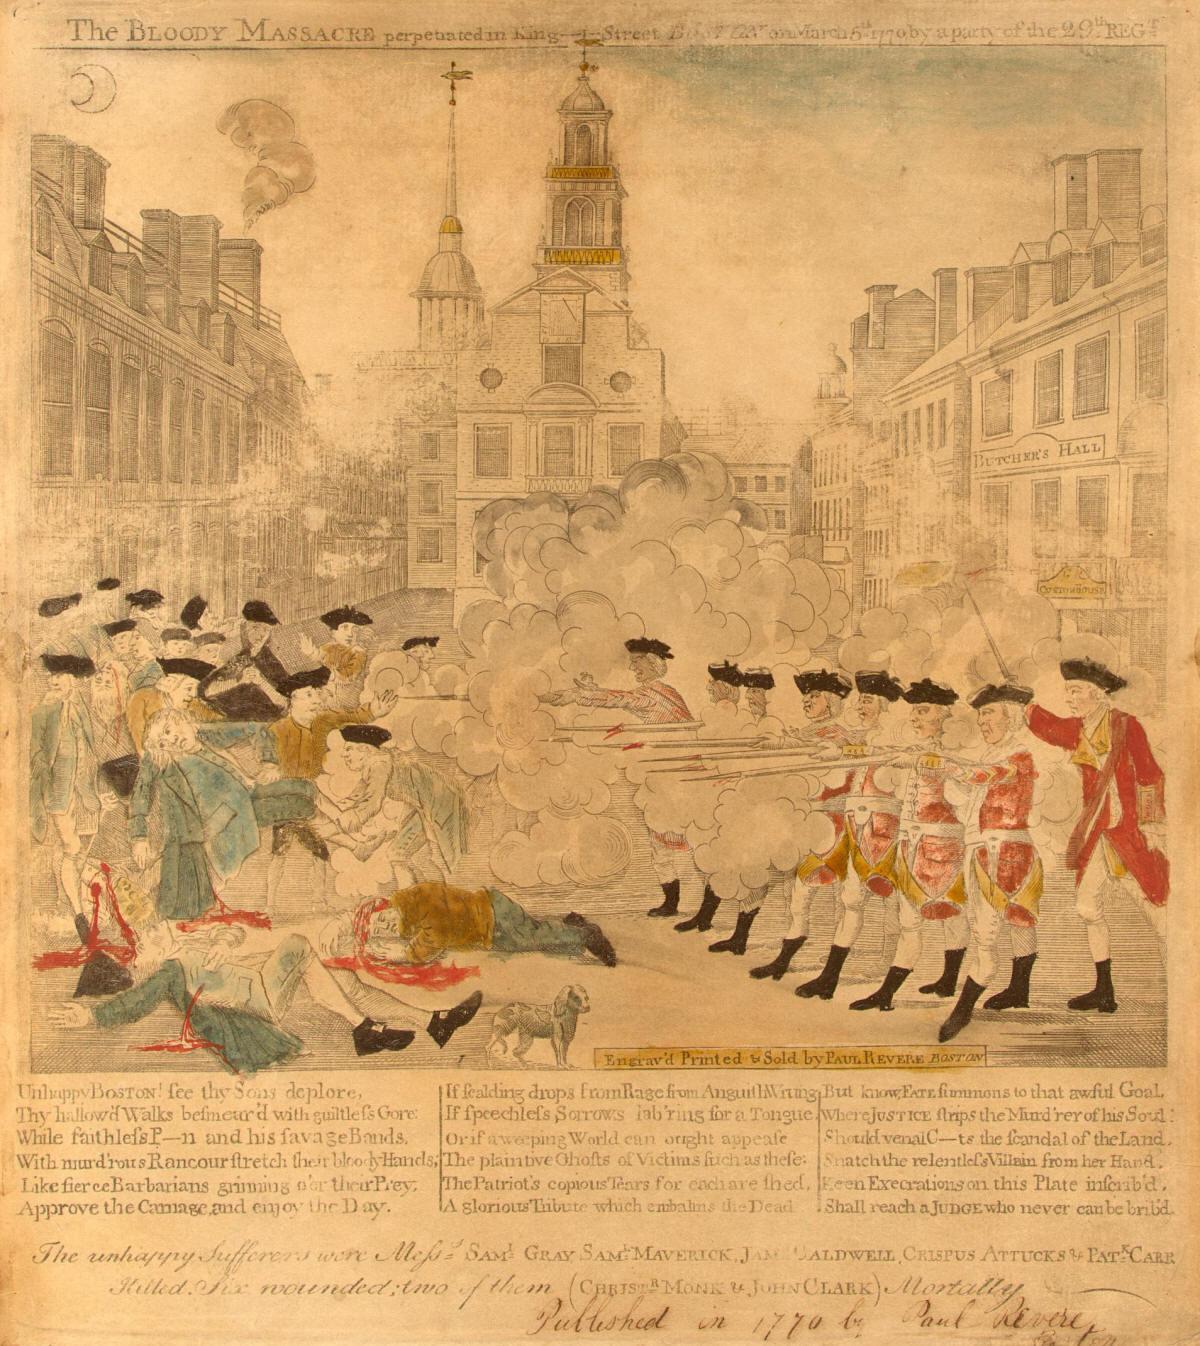 http://1.bp.blogspot.com/-NShvz5Uq-vQ/Ta-HqFoPTRI/AAAAAAAAFn8/nJ7FU6AjX-Q/s1600/paul-revere-boston-massacre.jpg